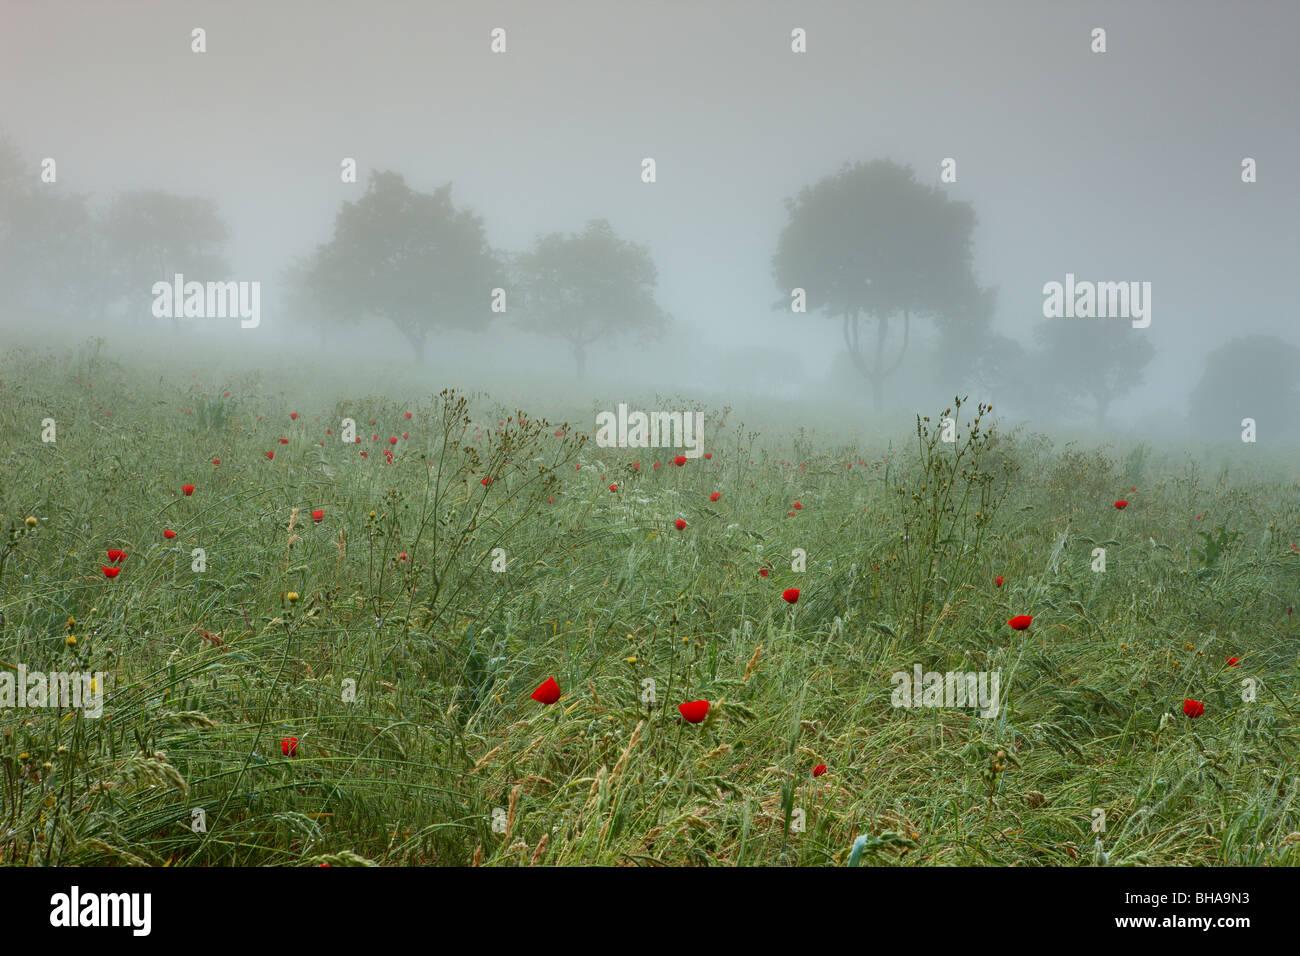 poppies in the mist nr Preci, Valnerina, Umbria, Italy - Stock Image